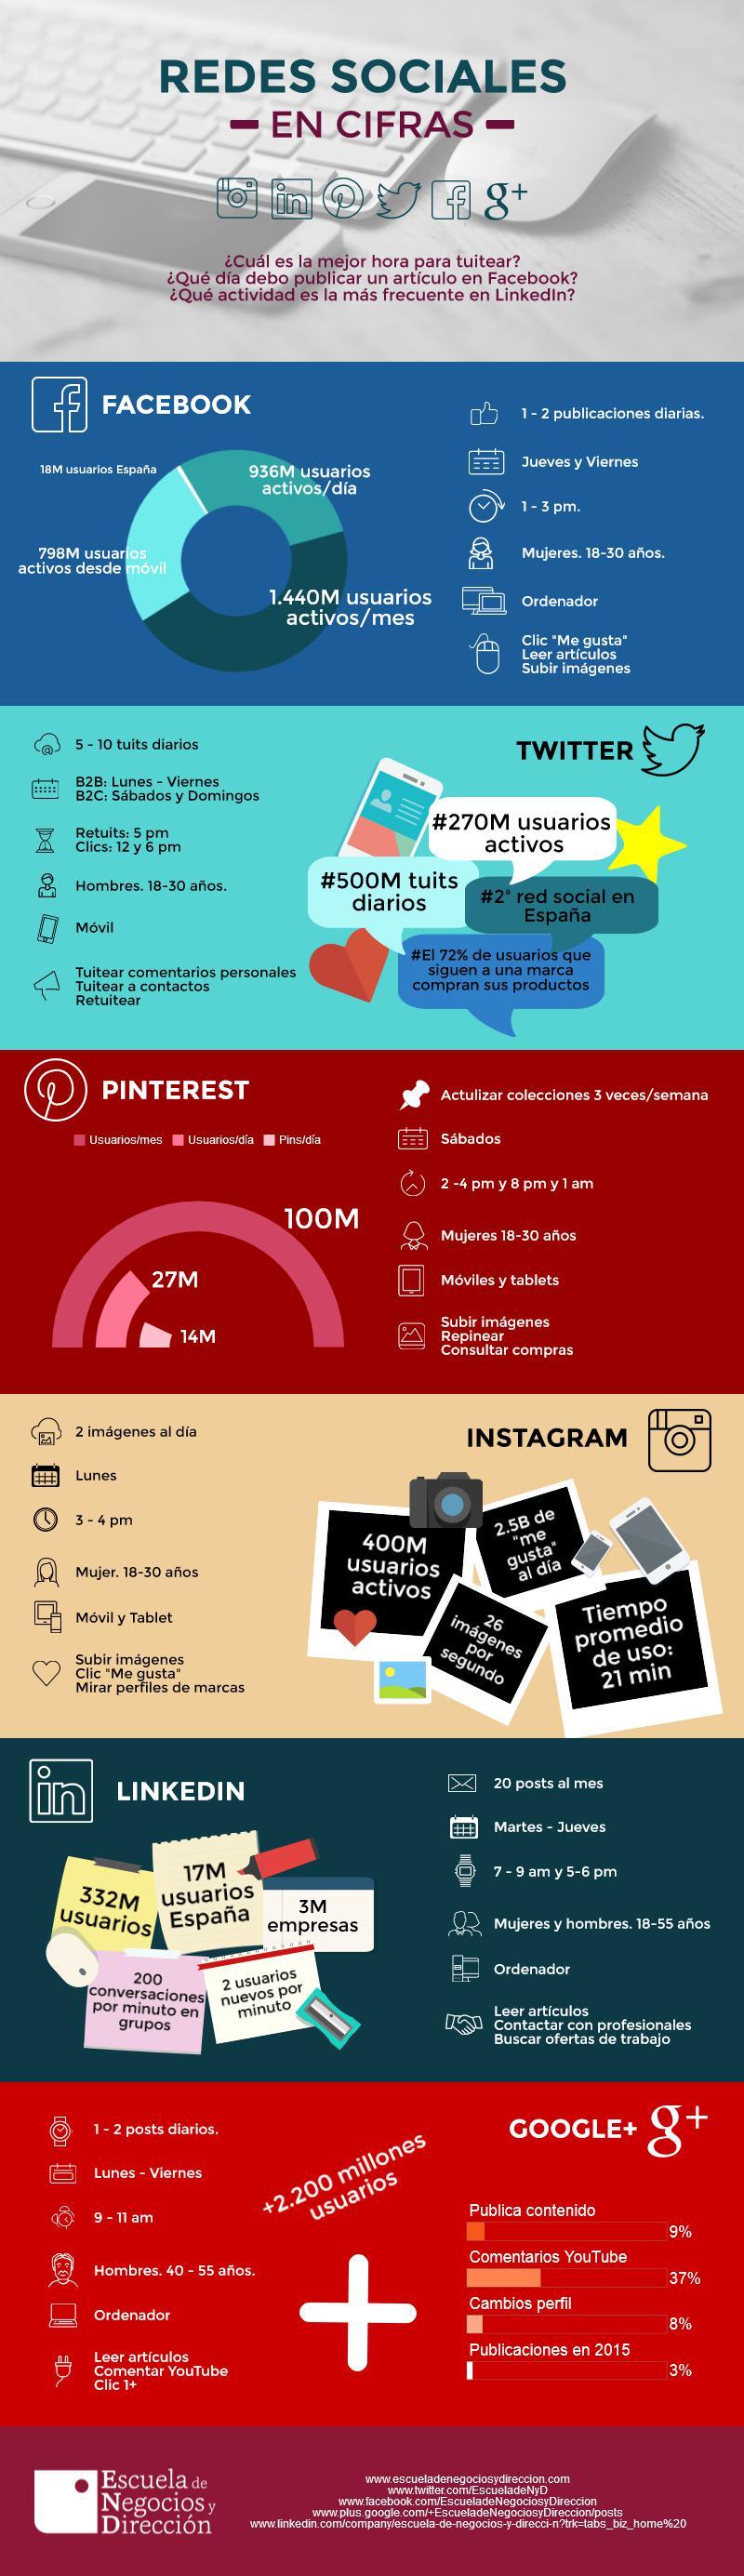 Redes Sociales en cifras